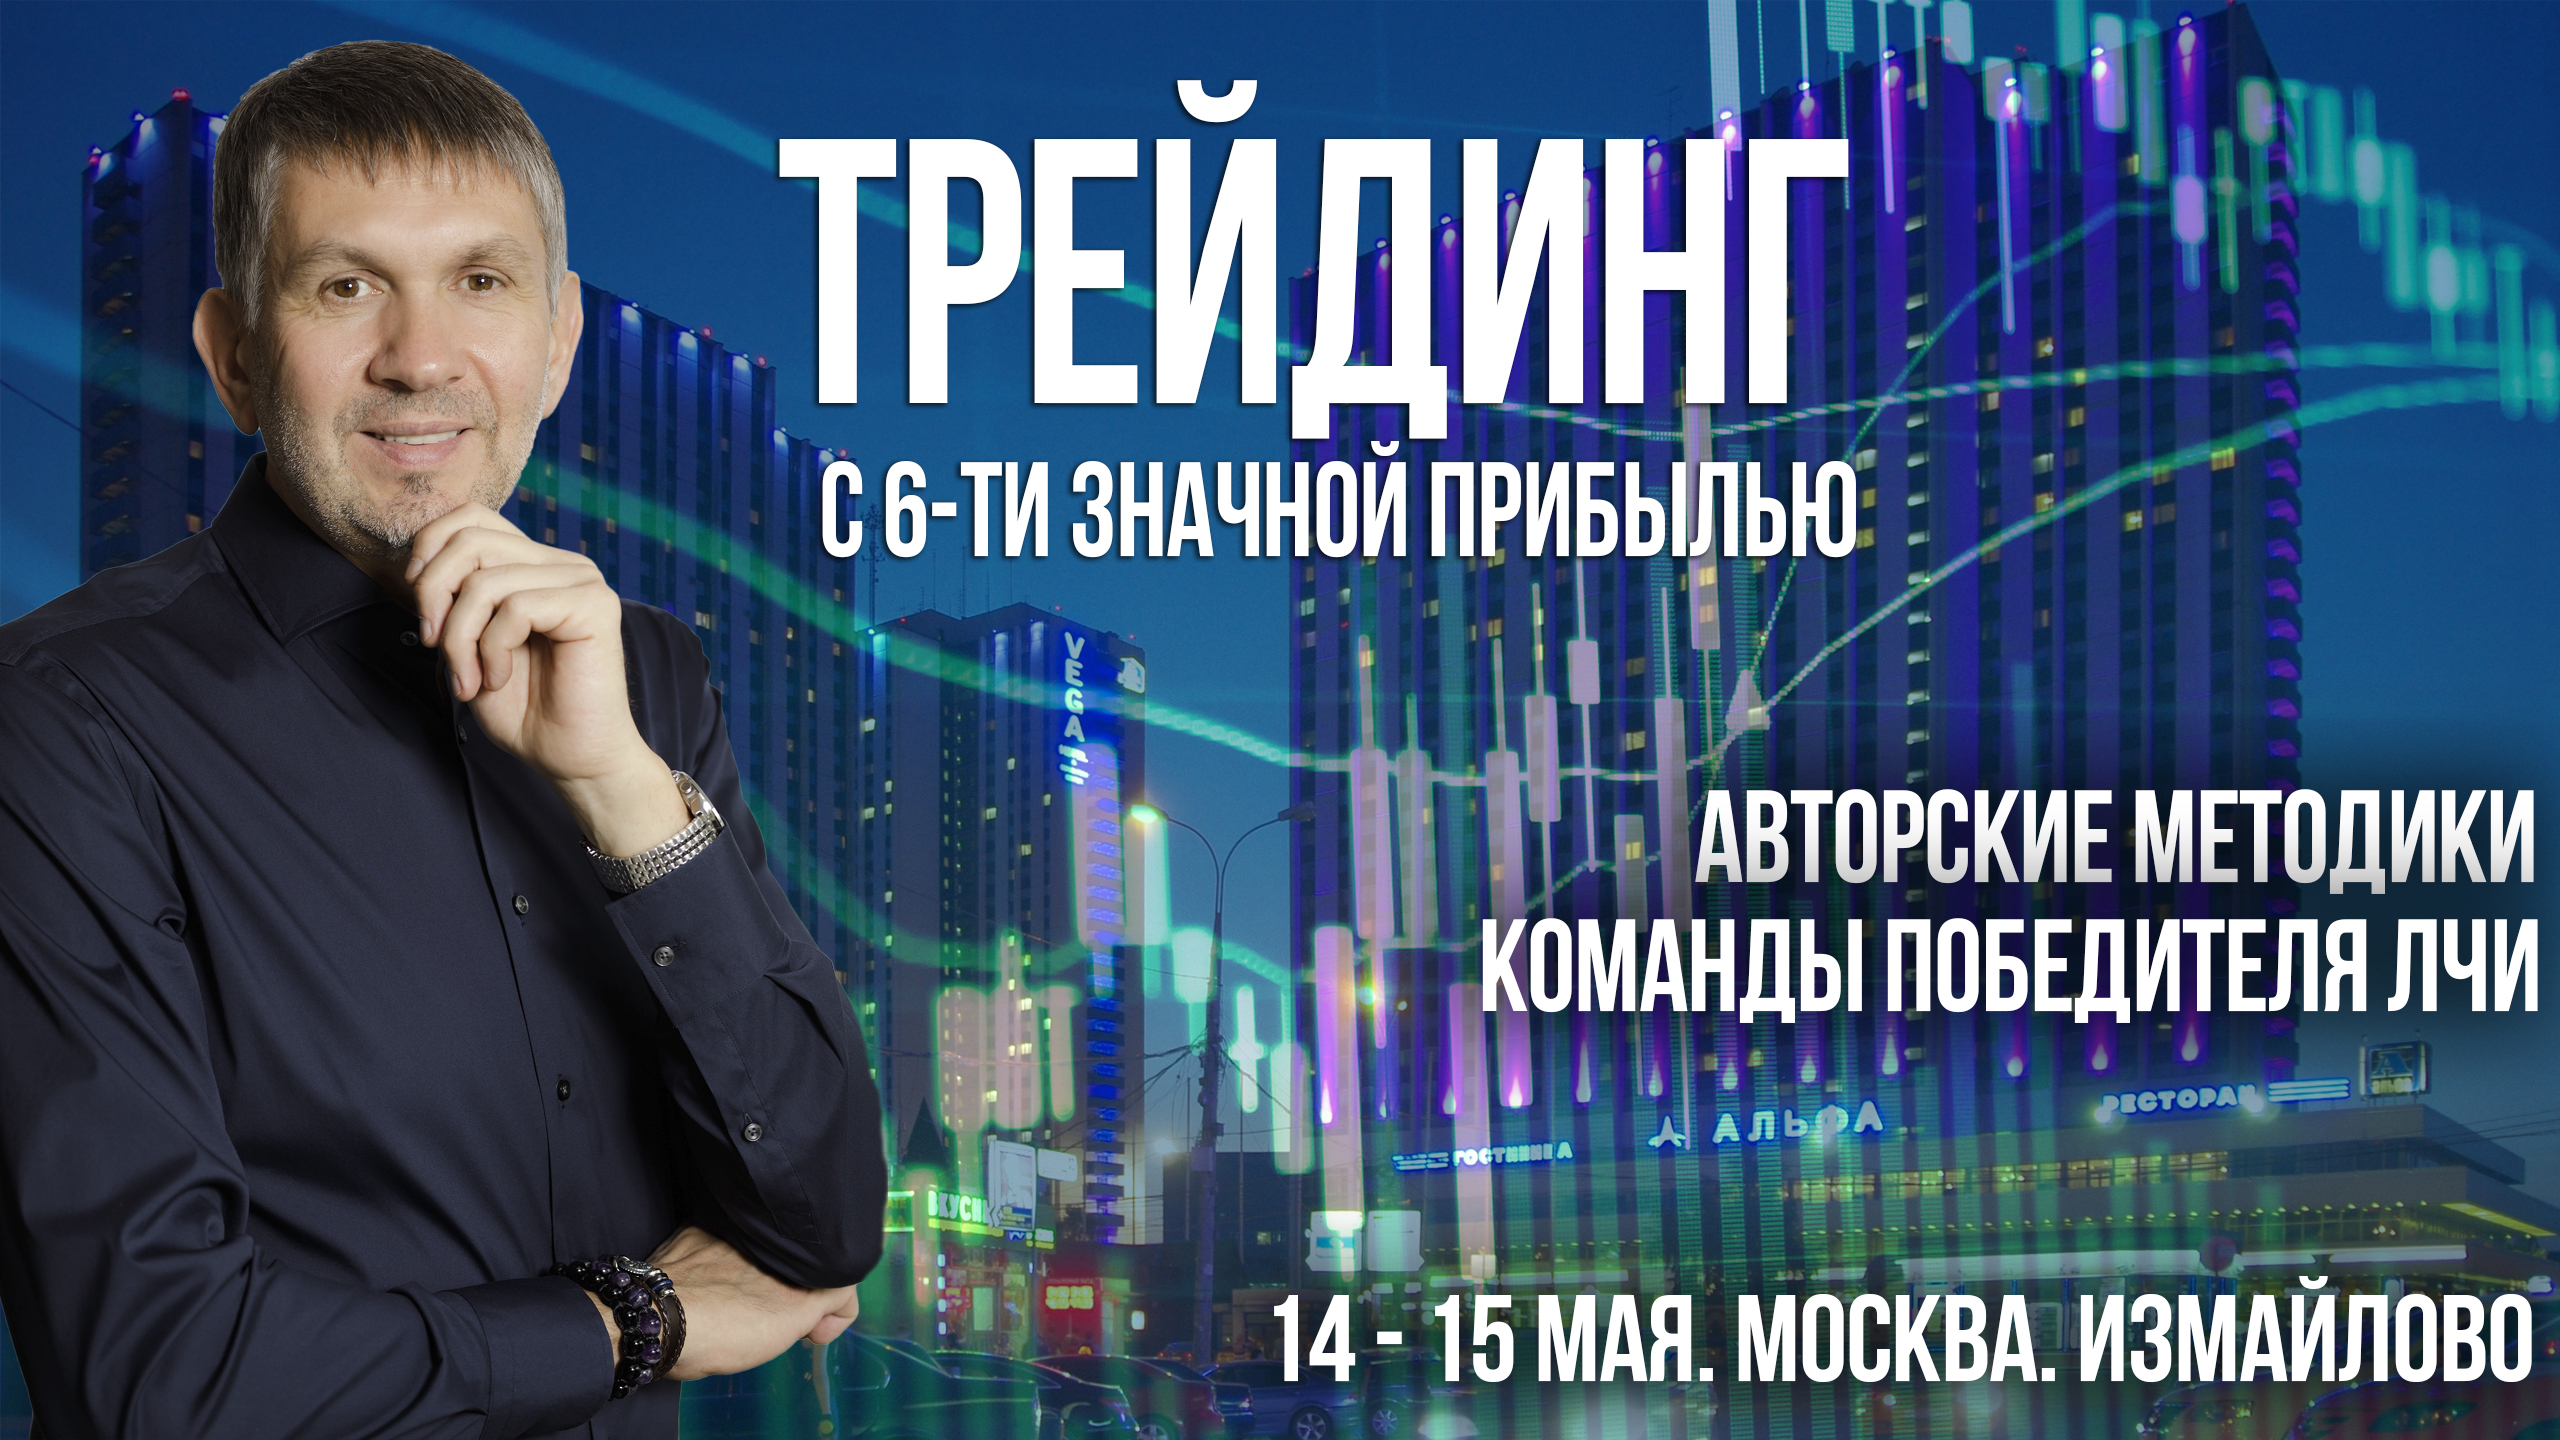 Семинар в Москве по трейдингу с Победителем ЛЧИ - 14-15 мая 2021